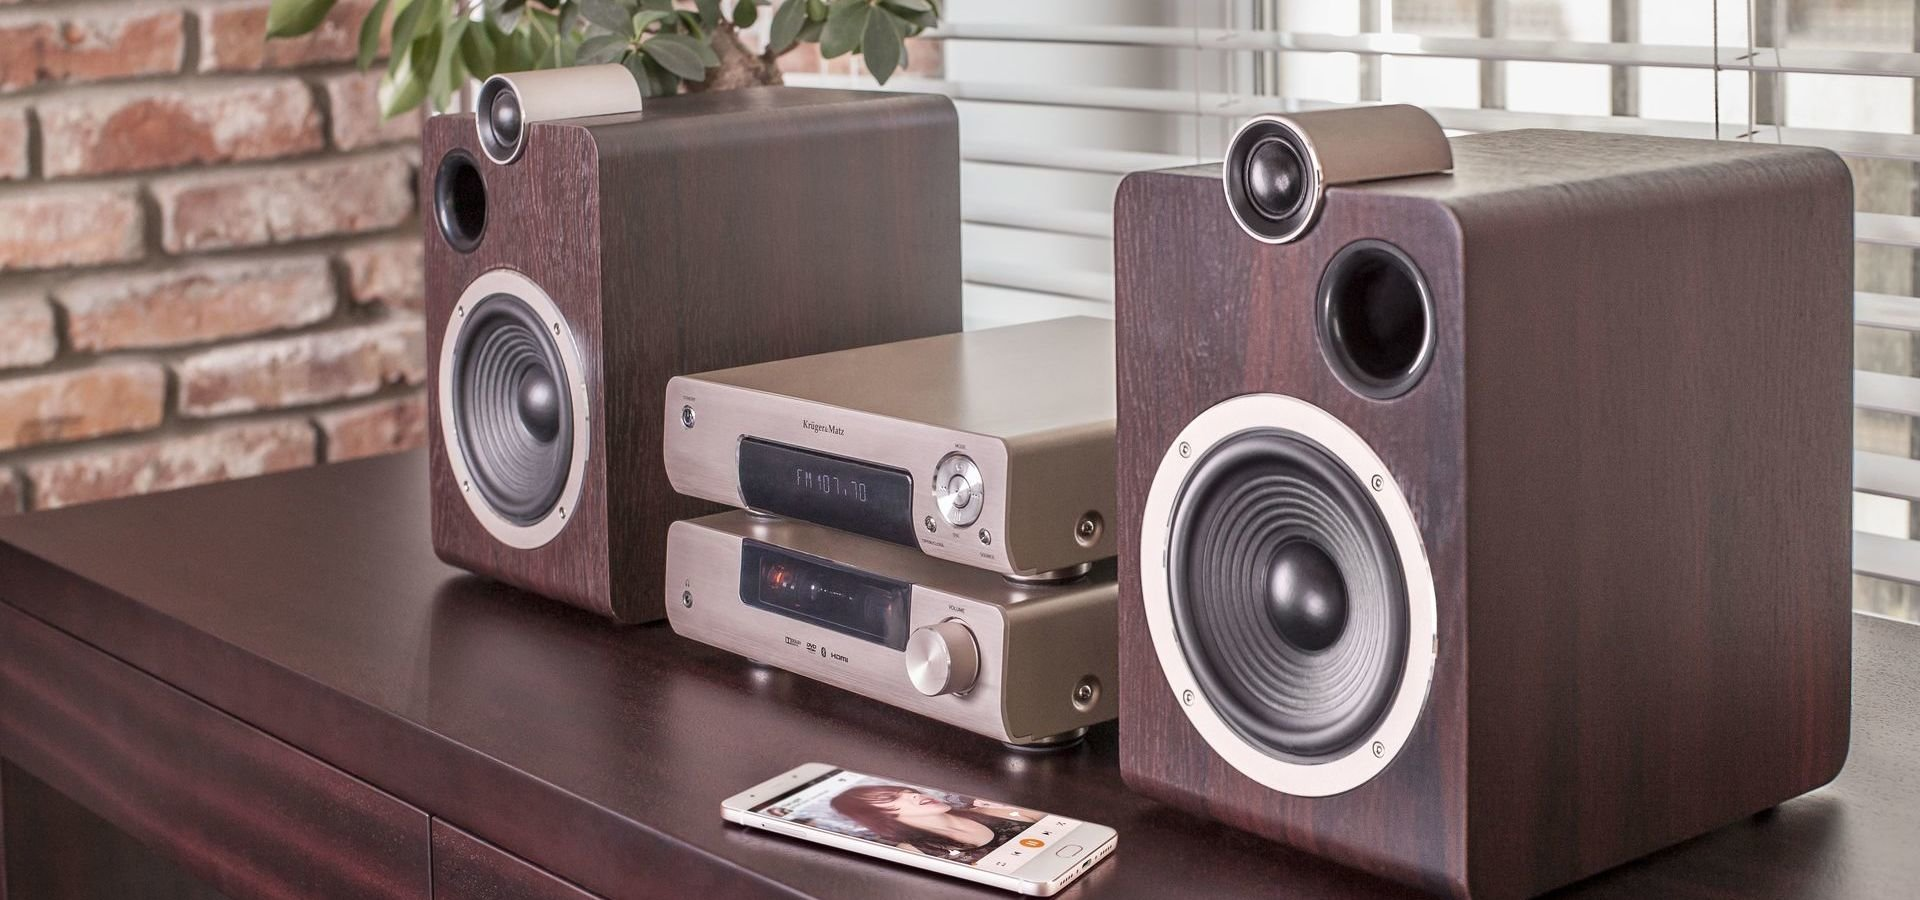 Doskonały dźwięk w stylowej oprawie, czyli nowy system audio od Kruger&Matz